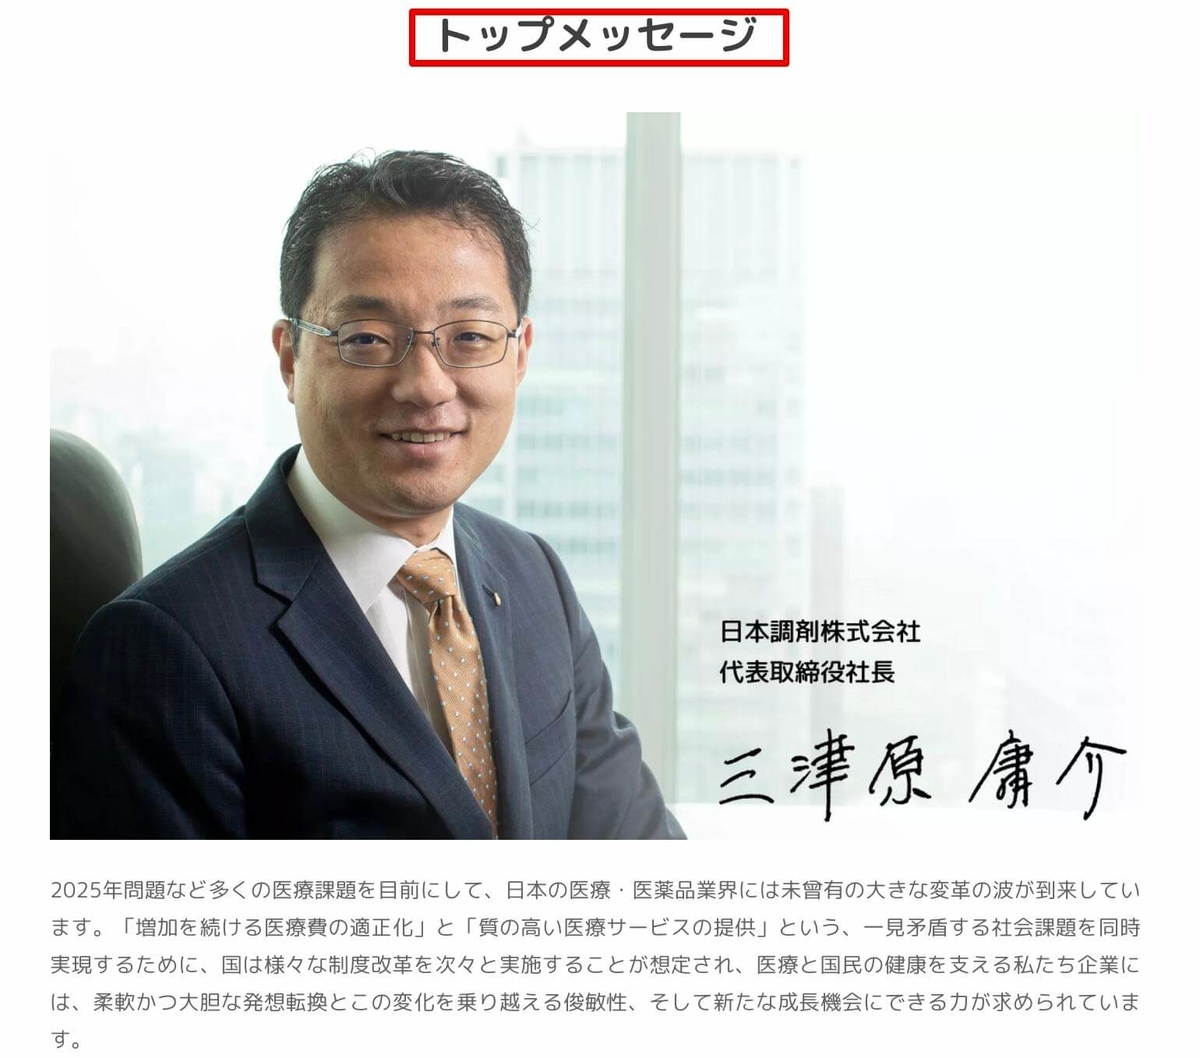 日本調剤トップメッセージ